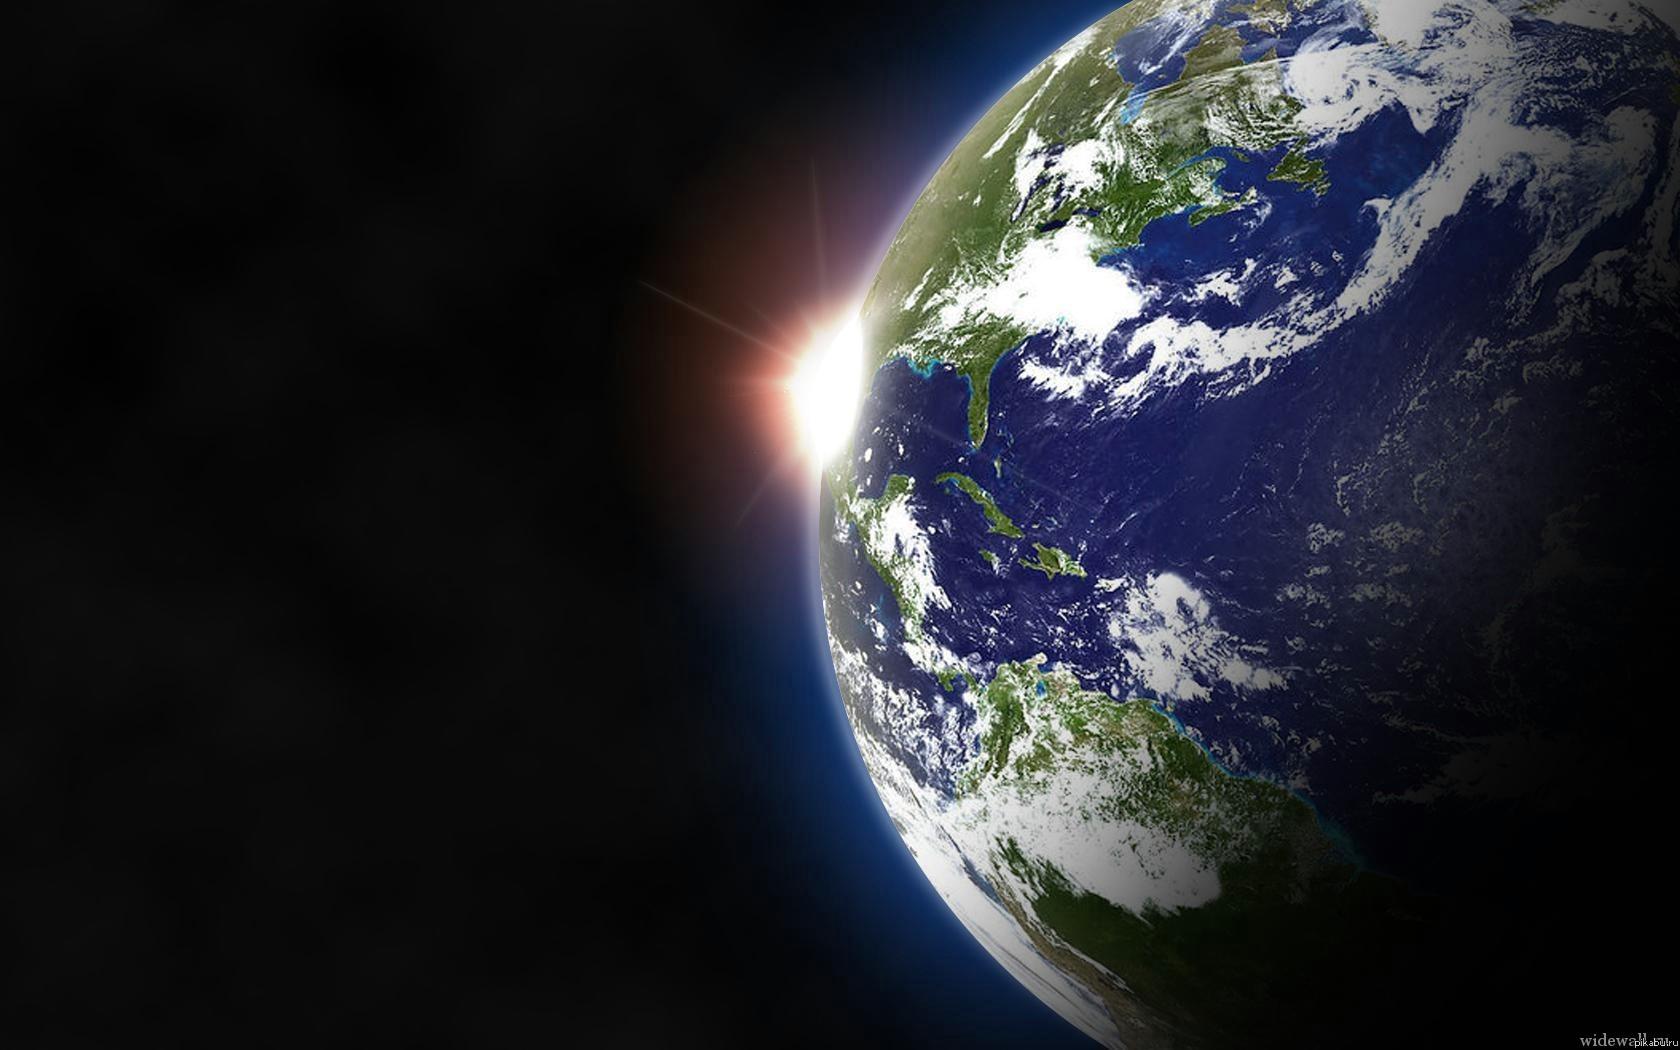 12октября кЗемле приблизится астероид ТС4— Новая дата Апокалипсиса